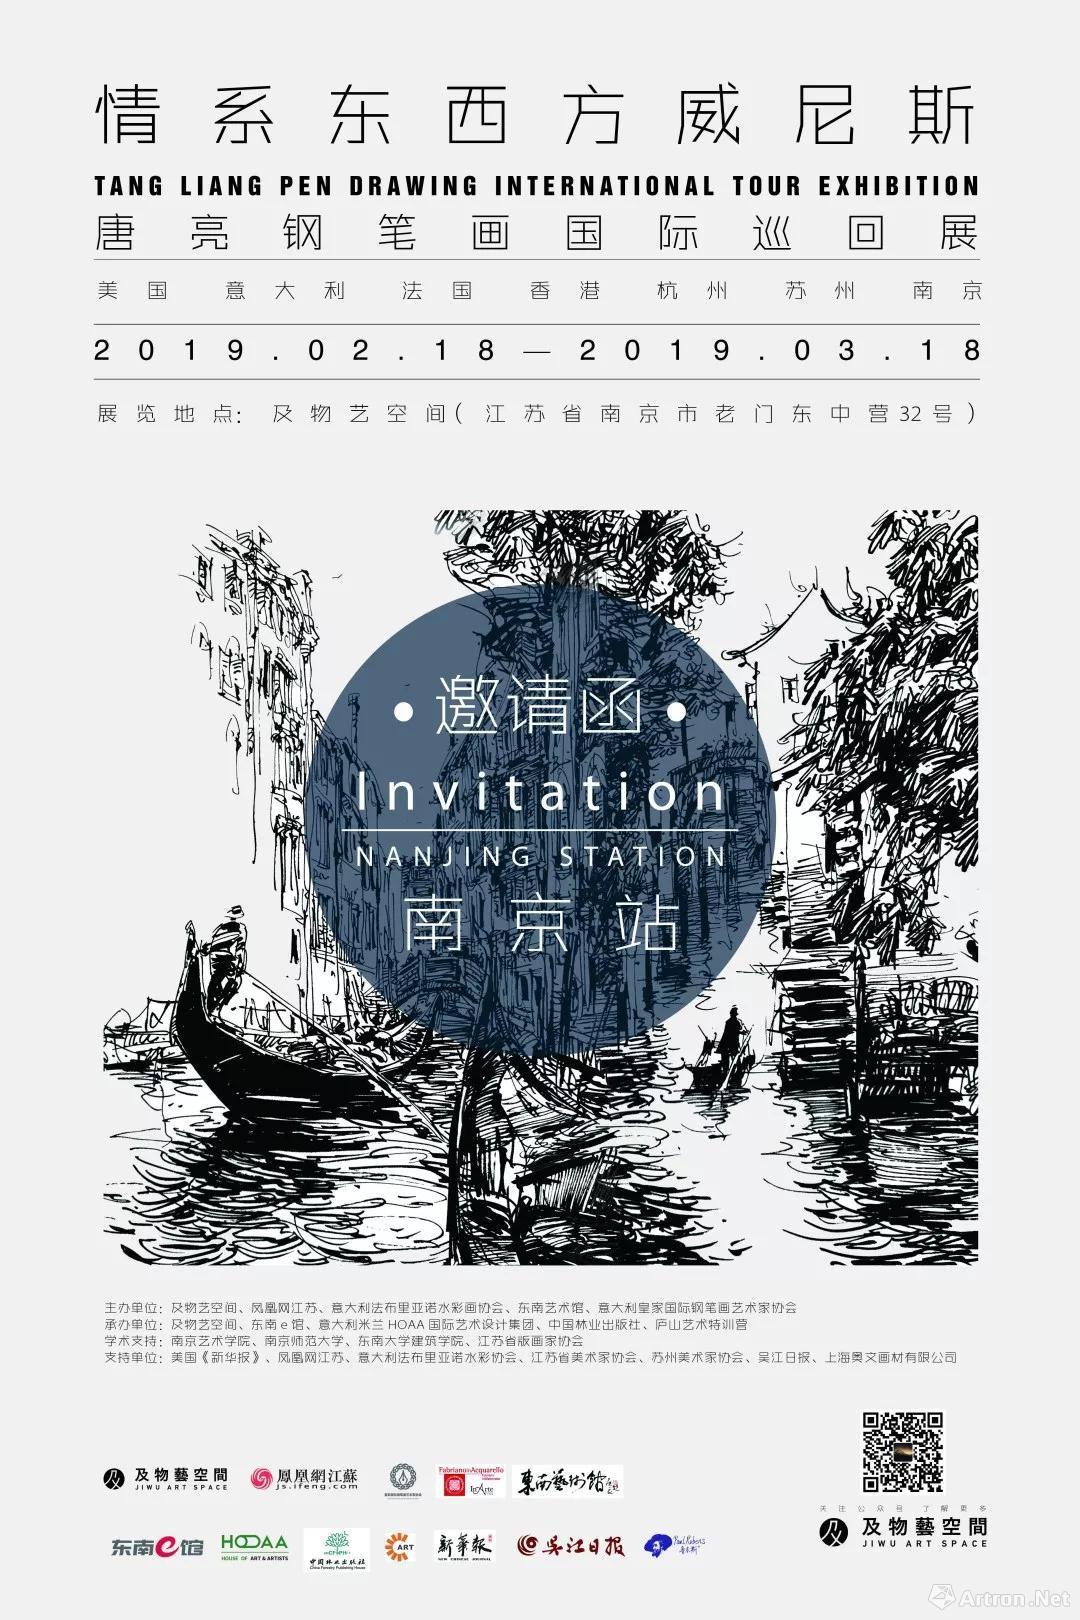 """""""情系东西方威尼斯""""唐亮钢笔画国际巡回展-南京站"""